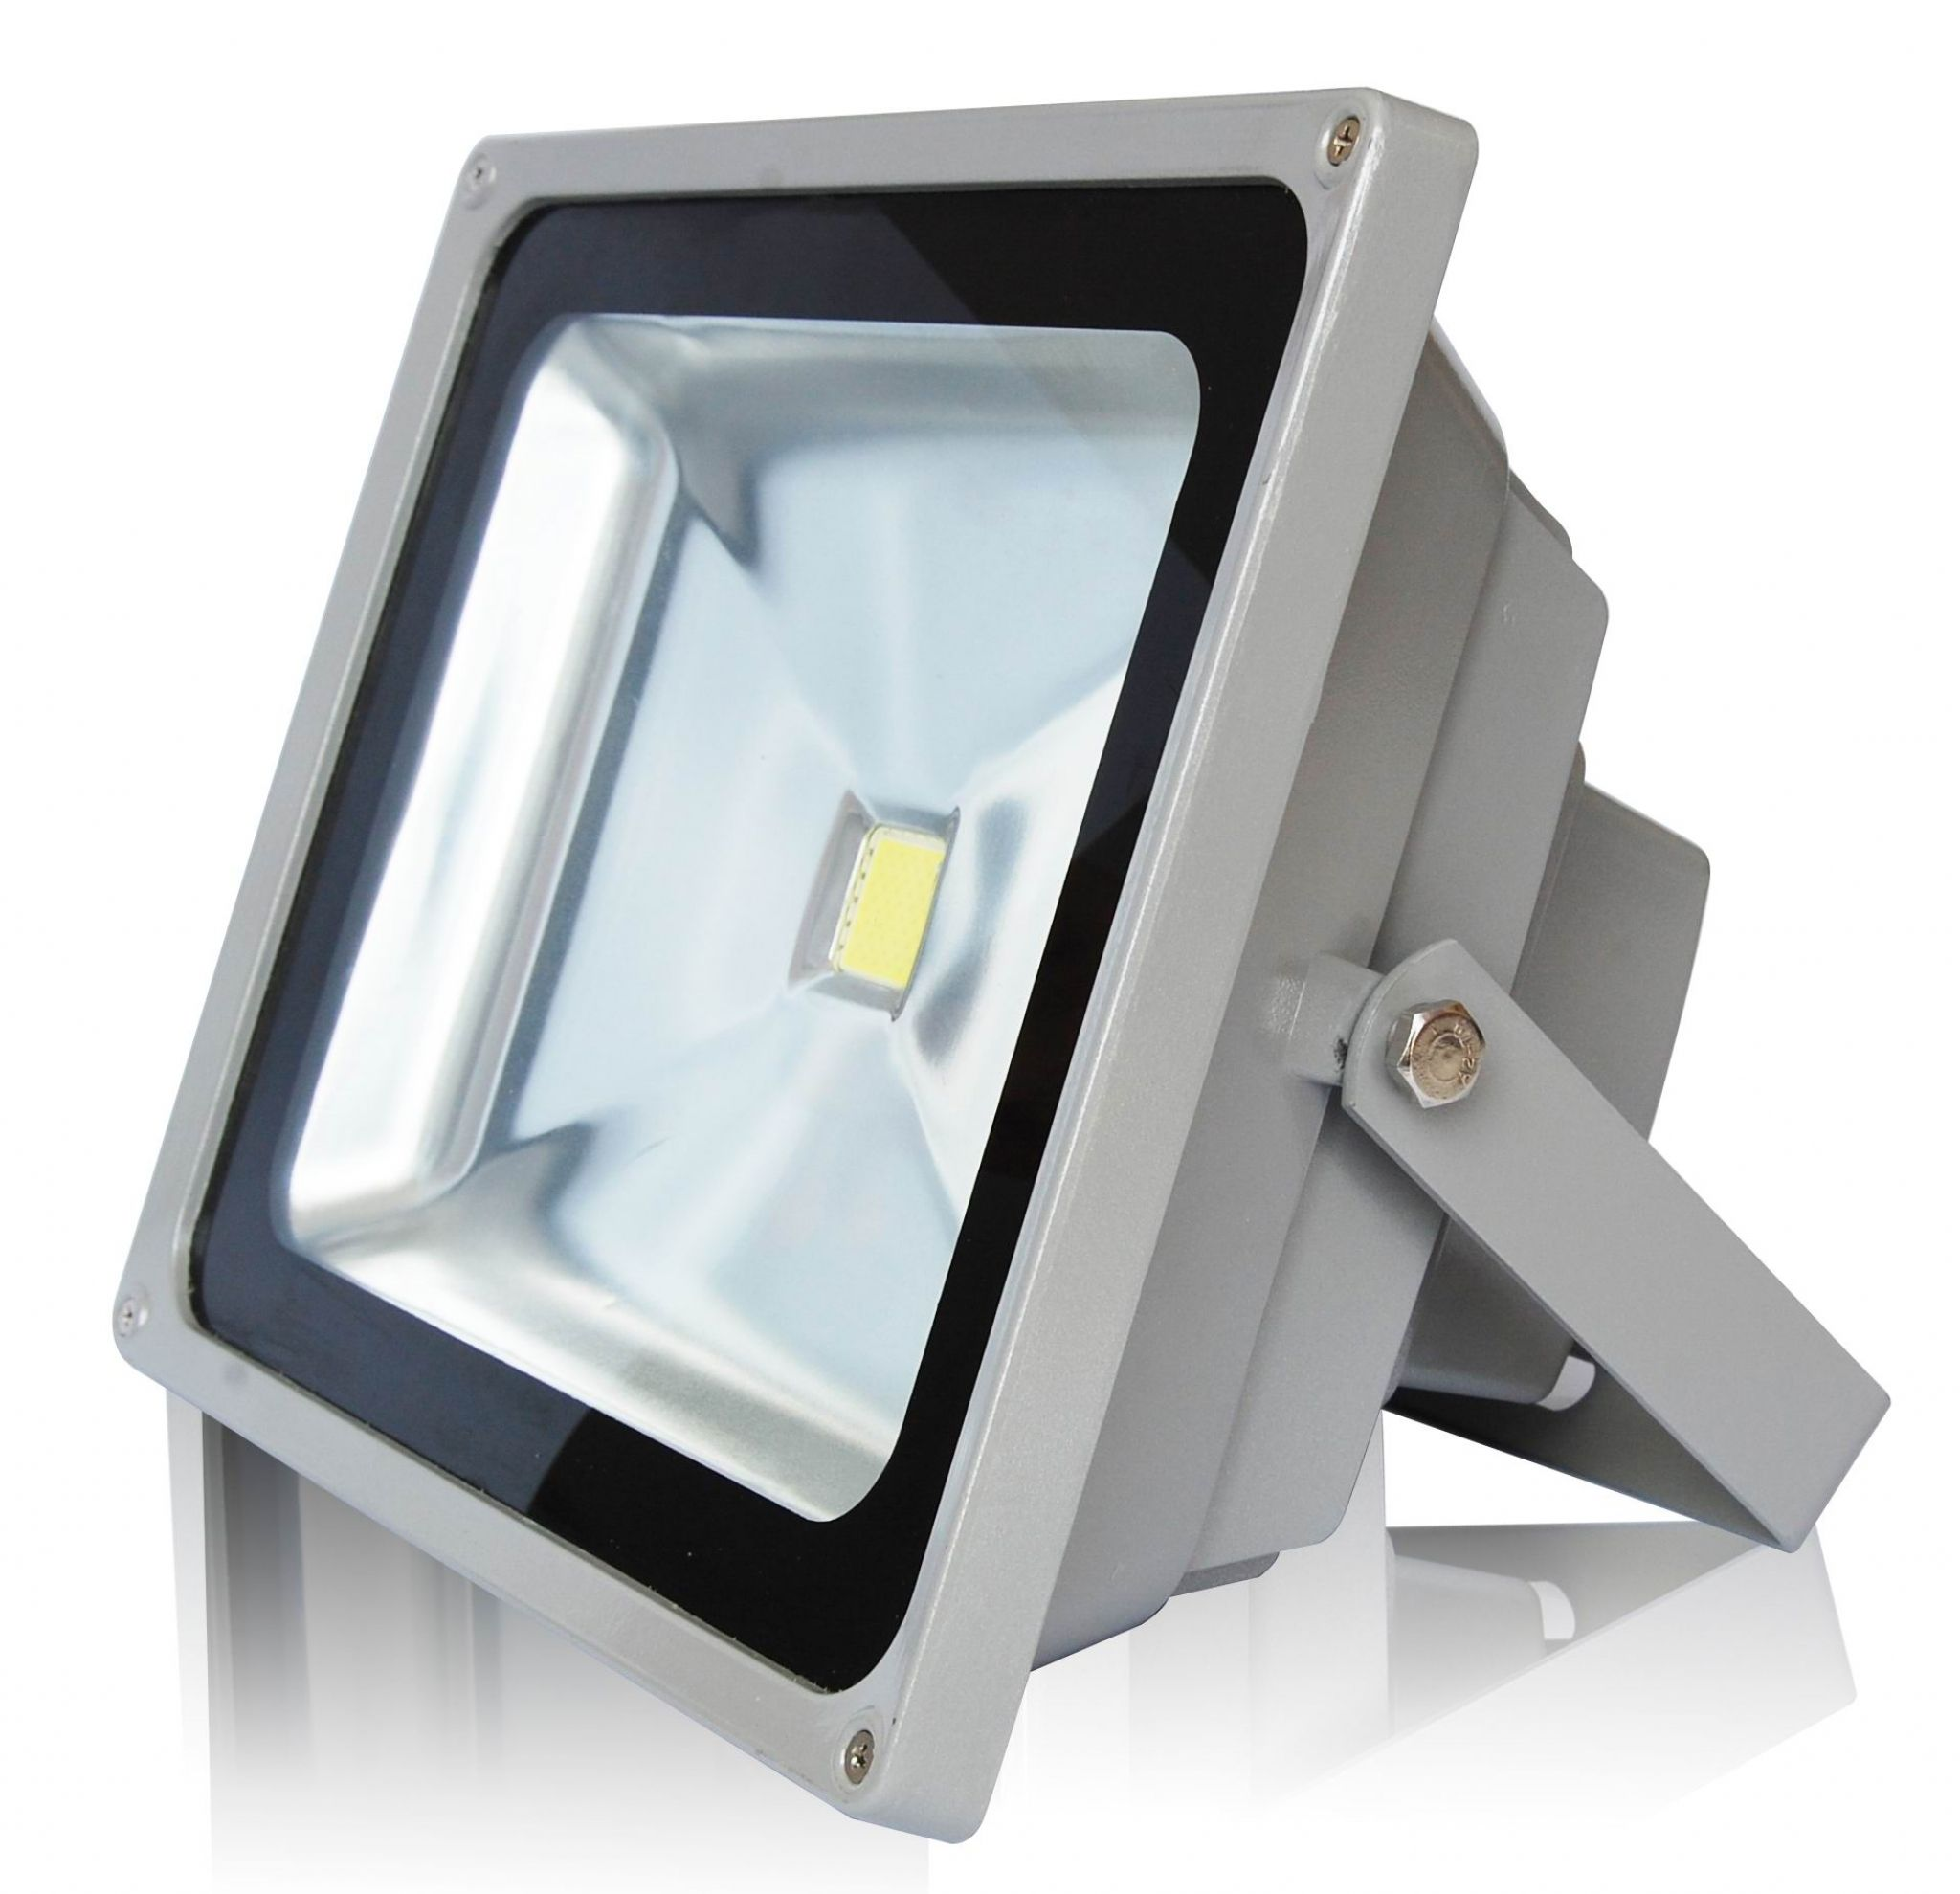 novolink led mc defiant lighting sl light mini string inc single content ble globe